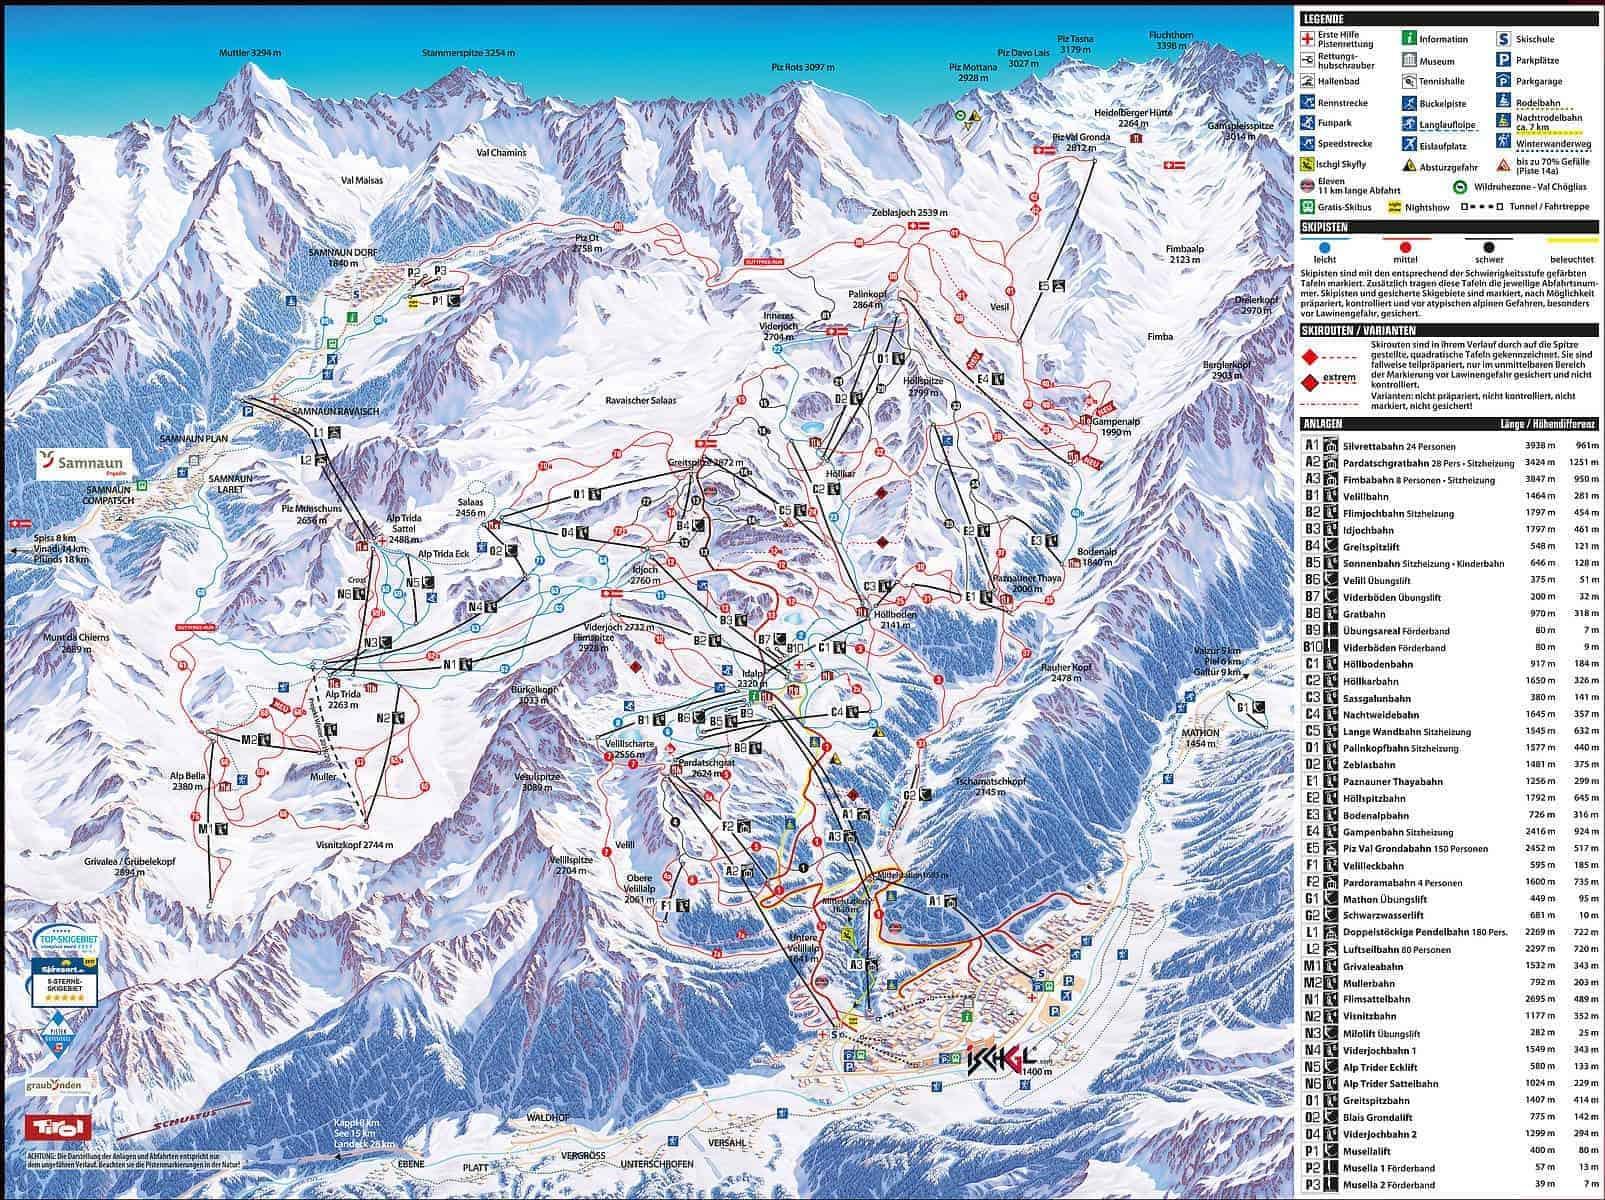 Samnaun Piste map